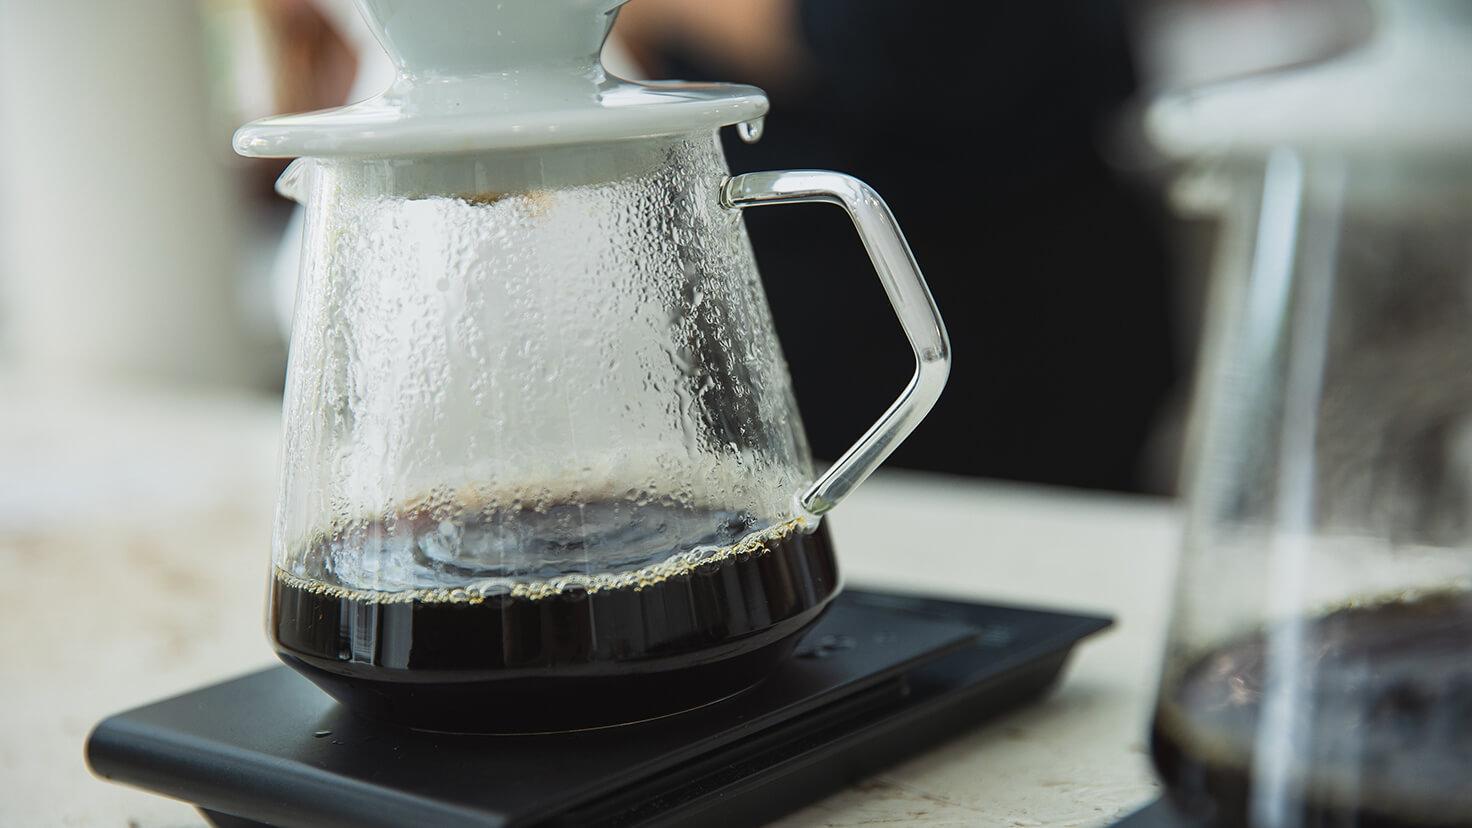 A barista tanfolyam alapjaira épülő továbbképzésen, megtanulhatod a hagyományos, gépi kávékészítésen kívül, a manapság oly divatos alternatív, azaz filter kávé készítését is